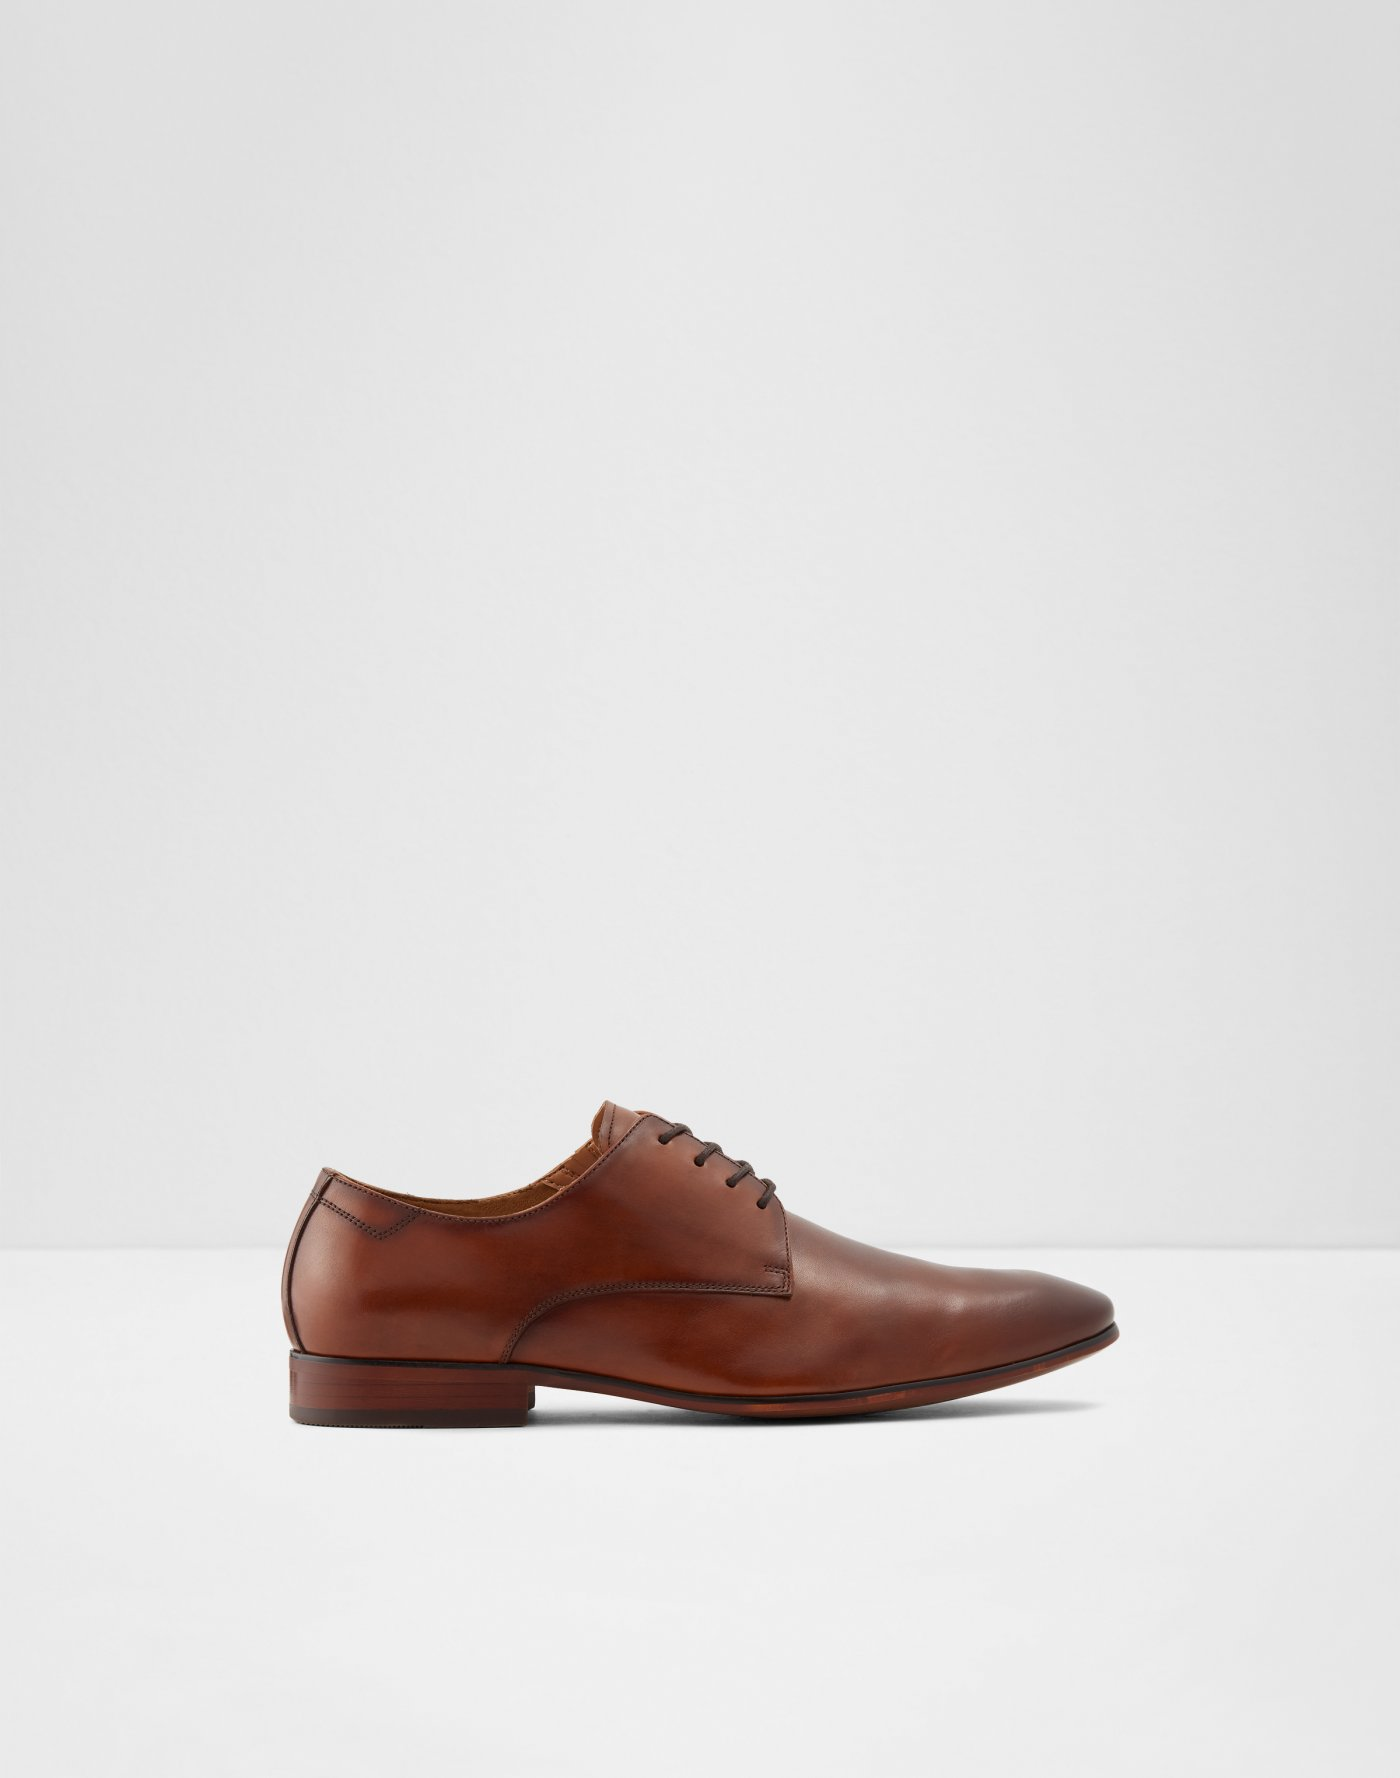 a7bd9aead3 Men's Dress Shoes | Formal & Oxford Shoes For Men | ALDO US ...